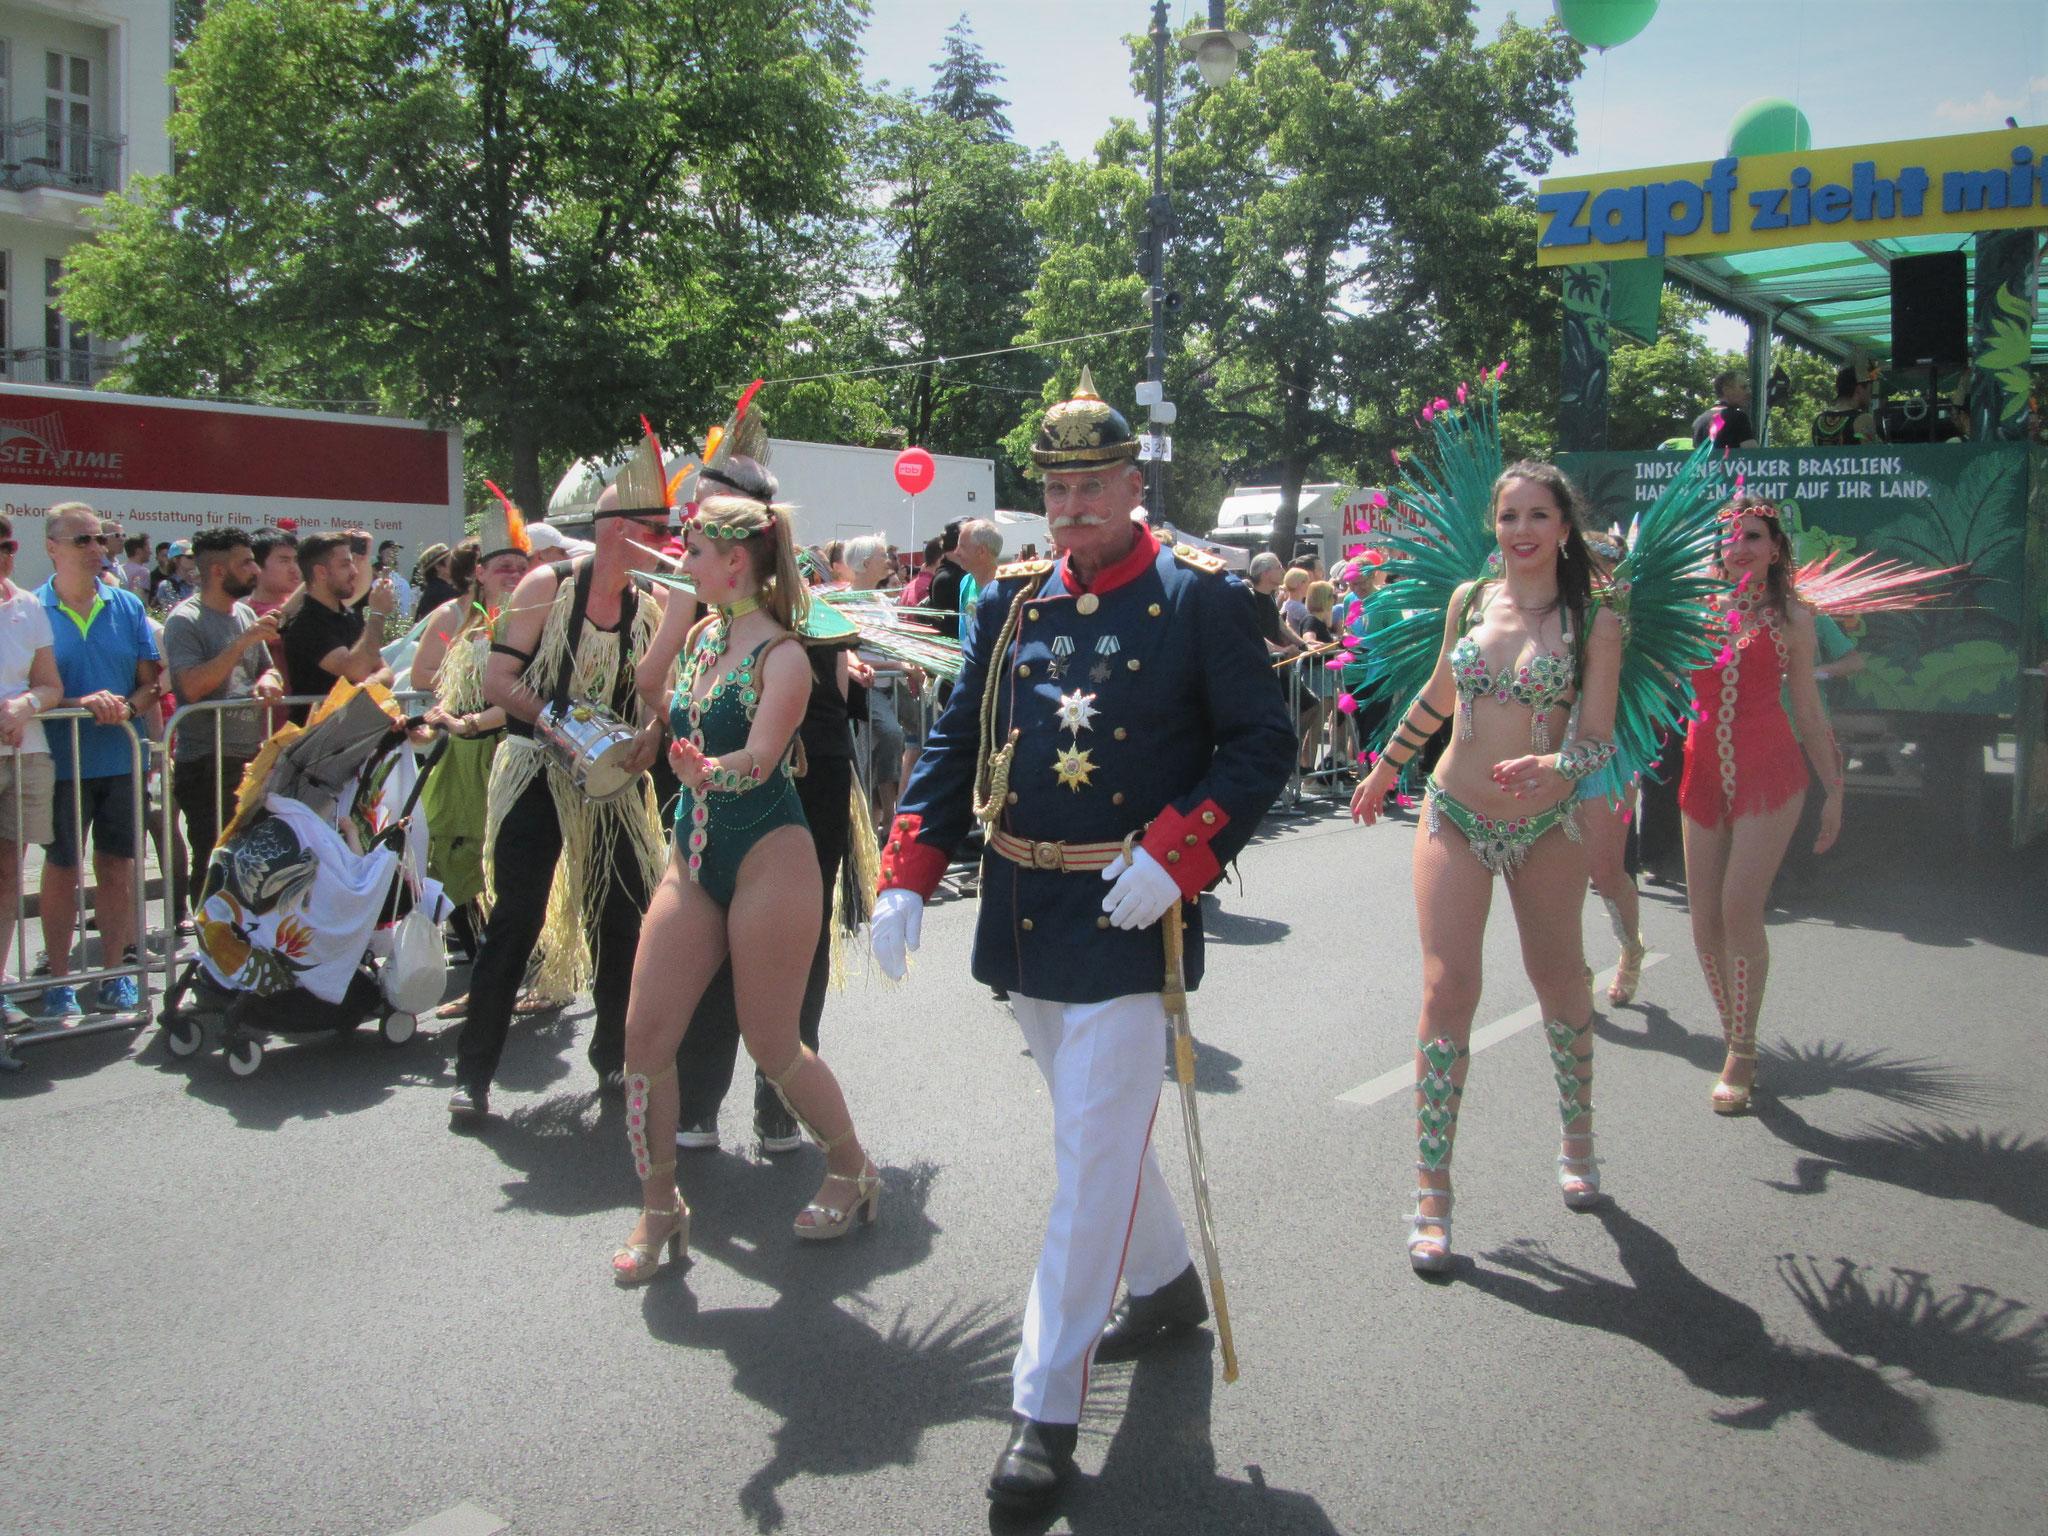 ... denn hier tanzt der Hauptmann von Köpenick Samba. Oder sorgt er für Recht und Ordnung?